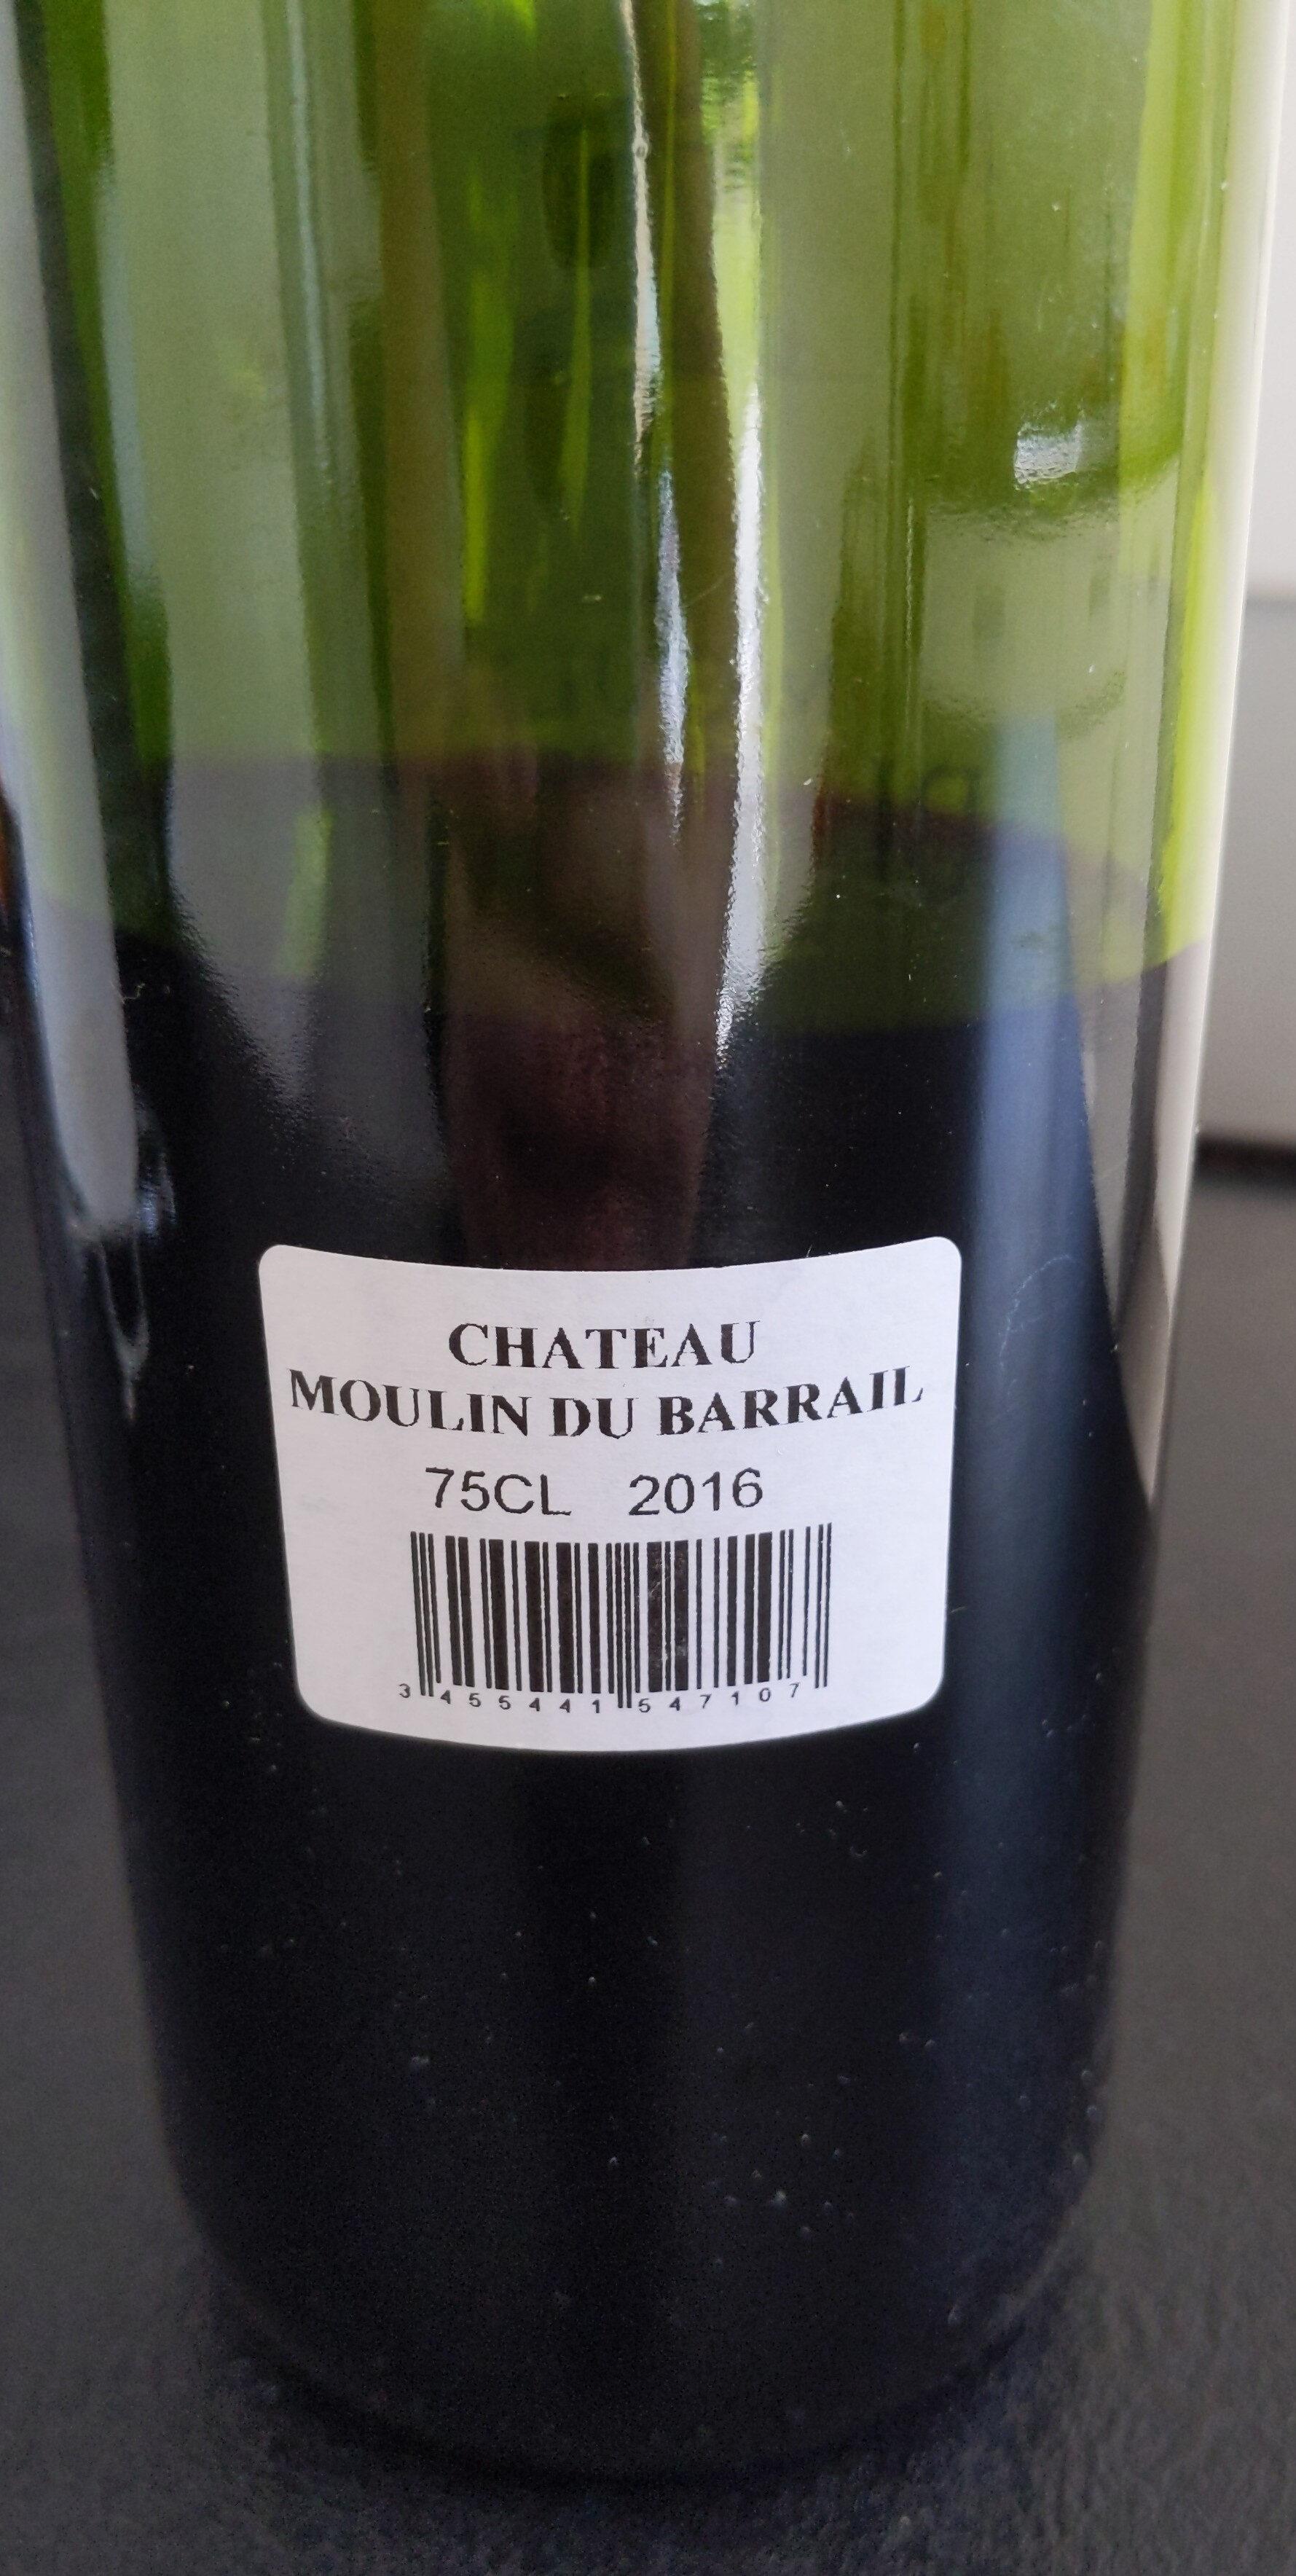 Bordeaux supérieur Château Moulin du Barrail - Product - fr